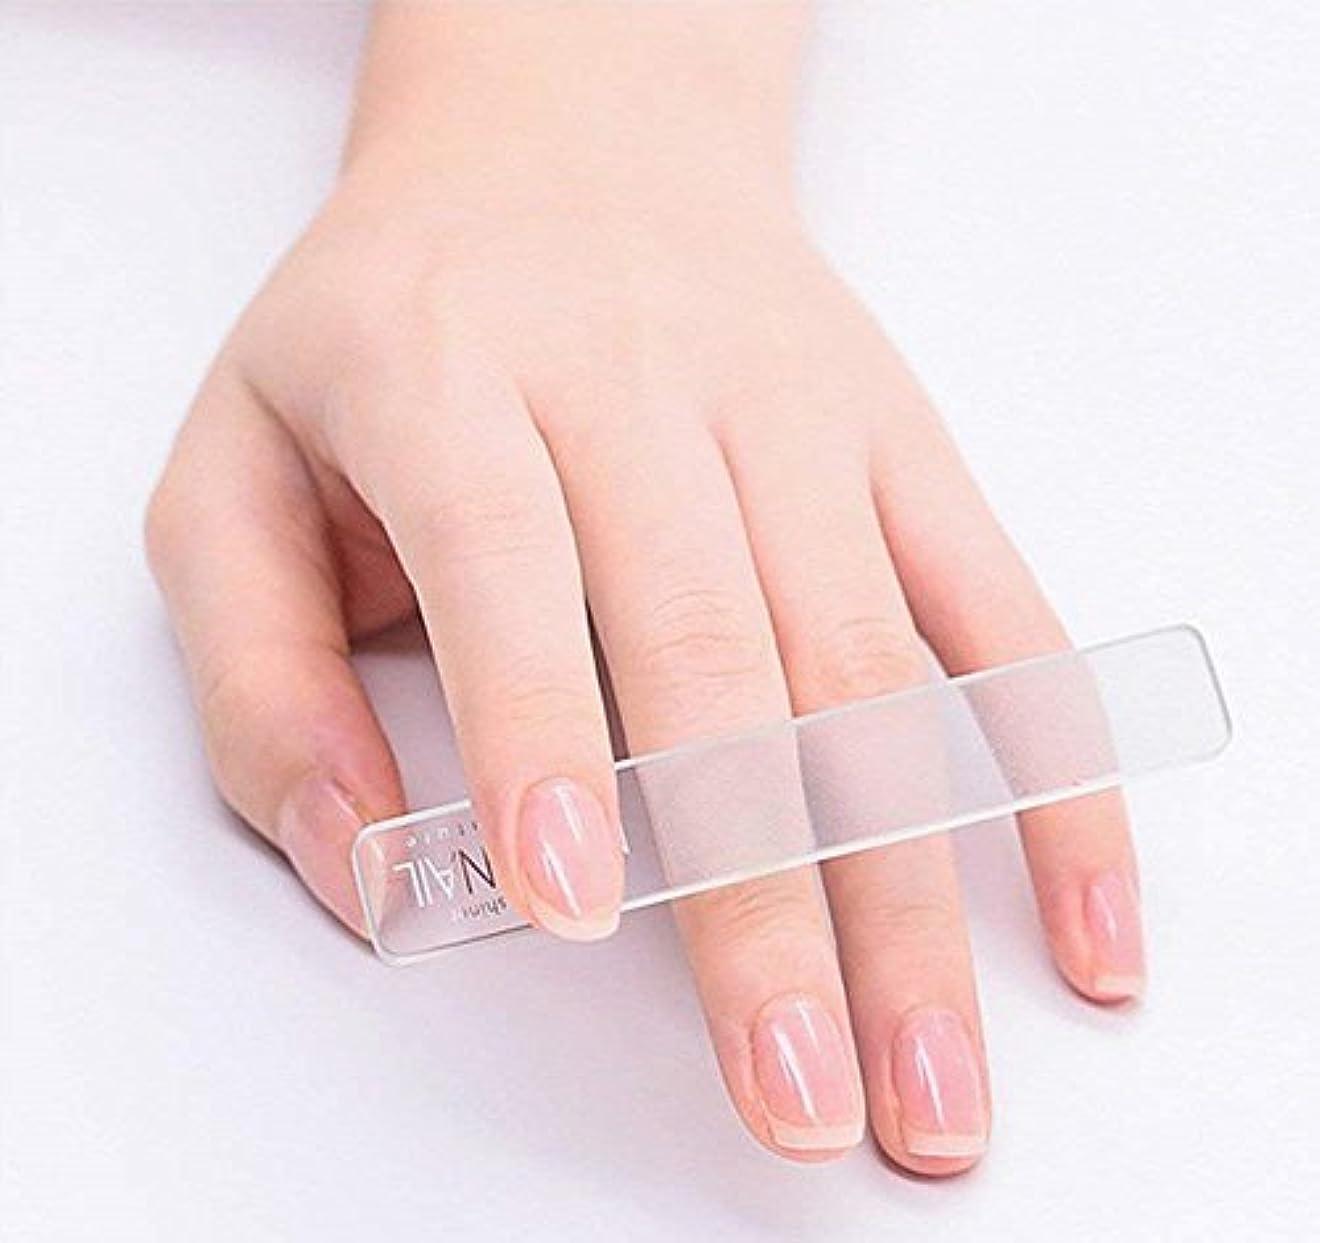 宴会肌寒い考えたSmartRICH ガラス製ネイルファイル ネイル, 透明ガラスNano研磨 絶妙 爪やすり 爪磨き 立体ナノネイルファイル ネイルケア用品 美しい指先 光沢長持ち